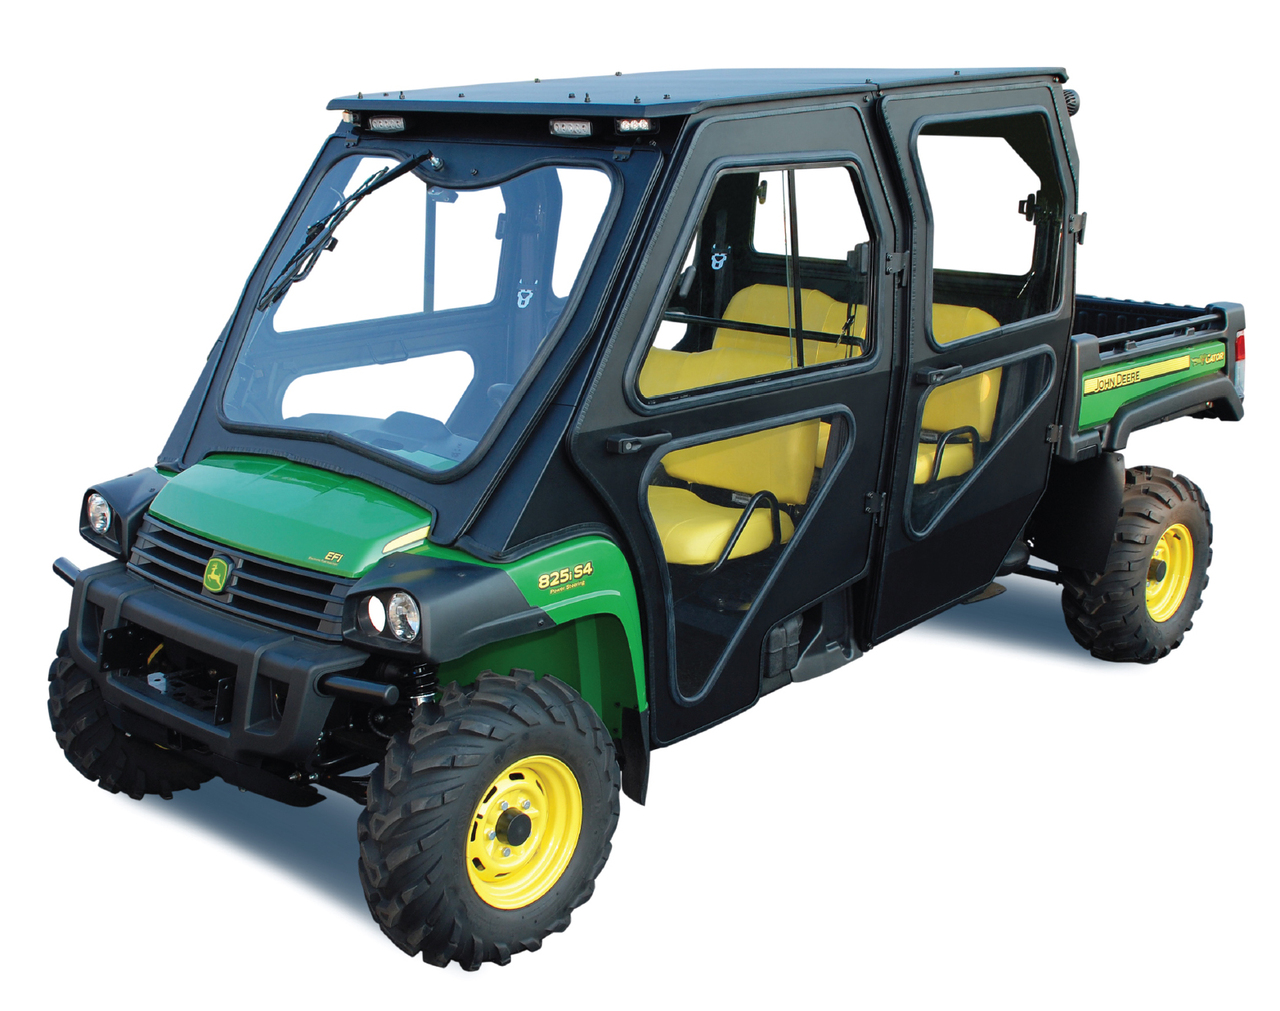 John Deere Gator Accessories >> John Deere Gator Xuv 825i S4 All Steel Cab Utv Direct